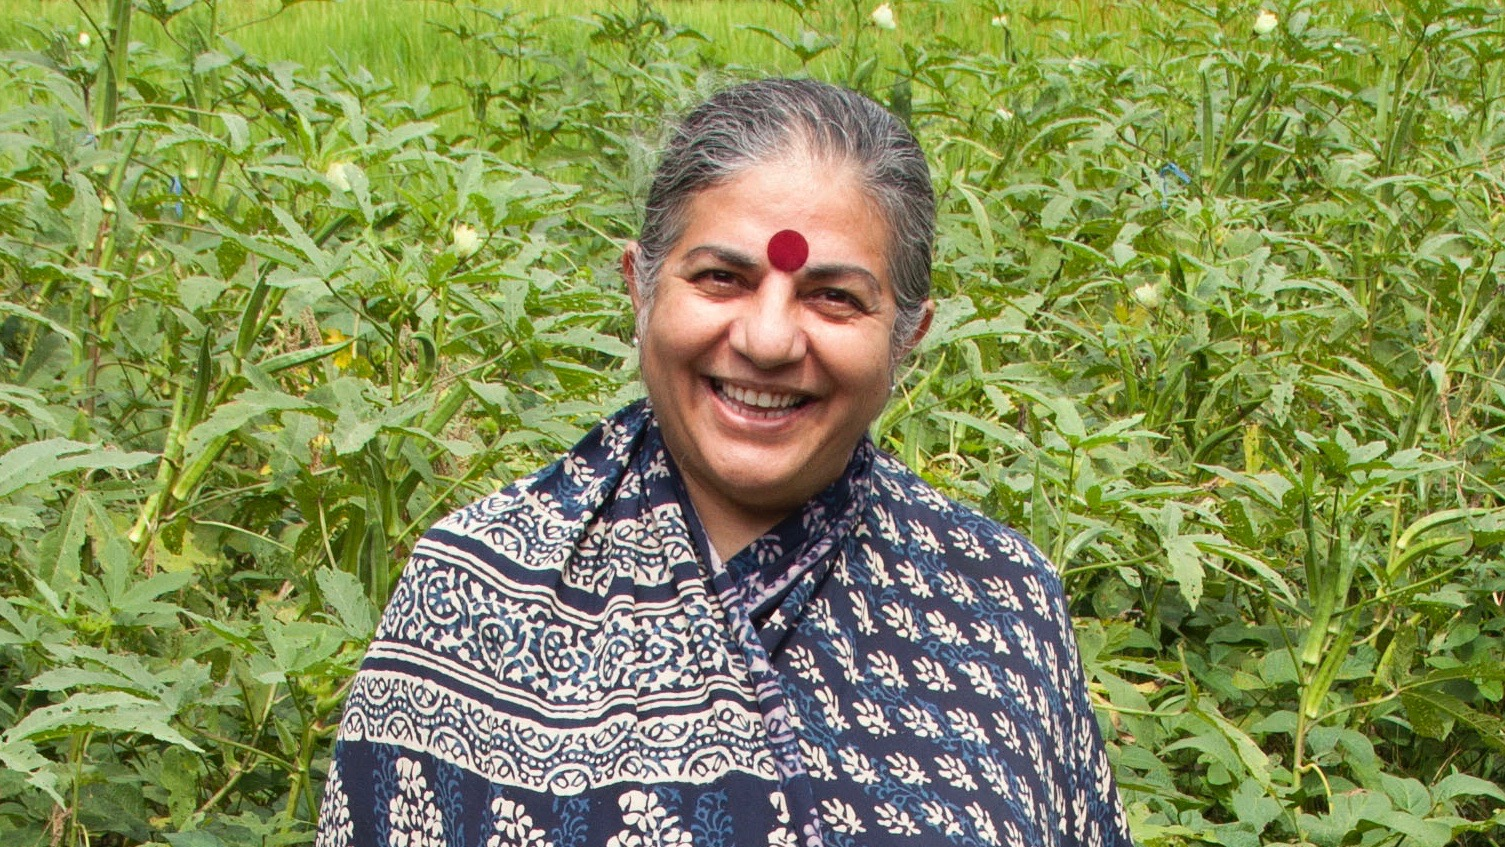 Image of Vandana Shiva.